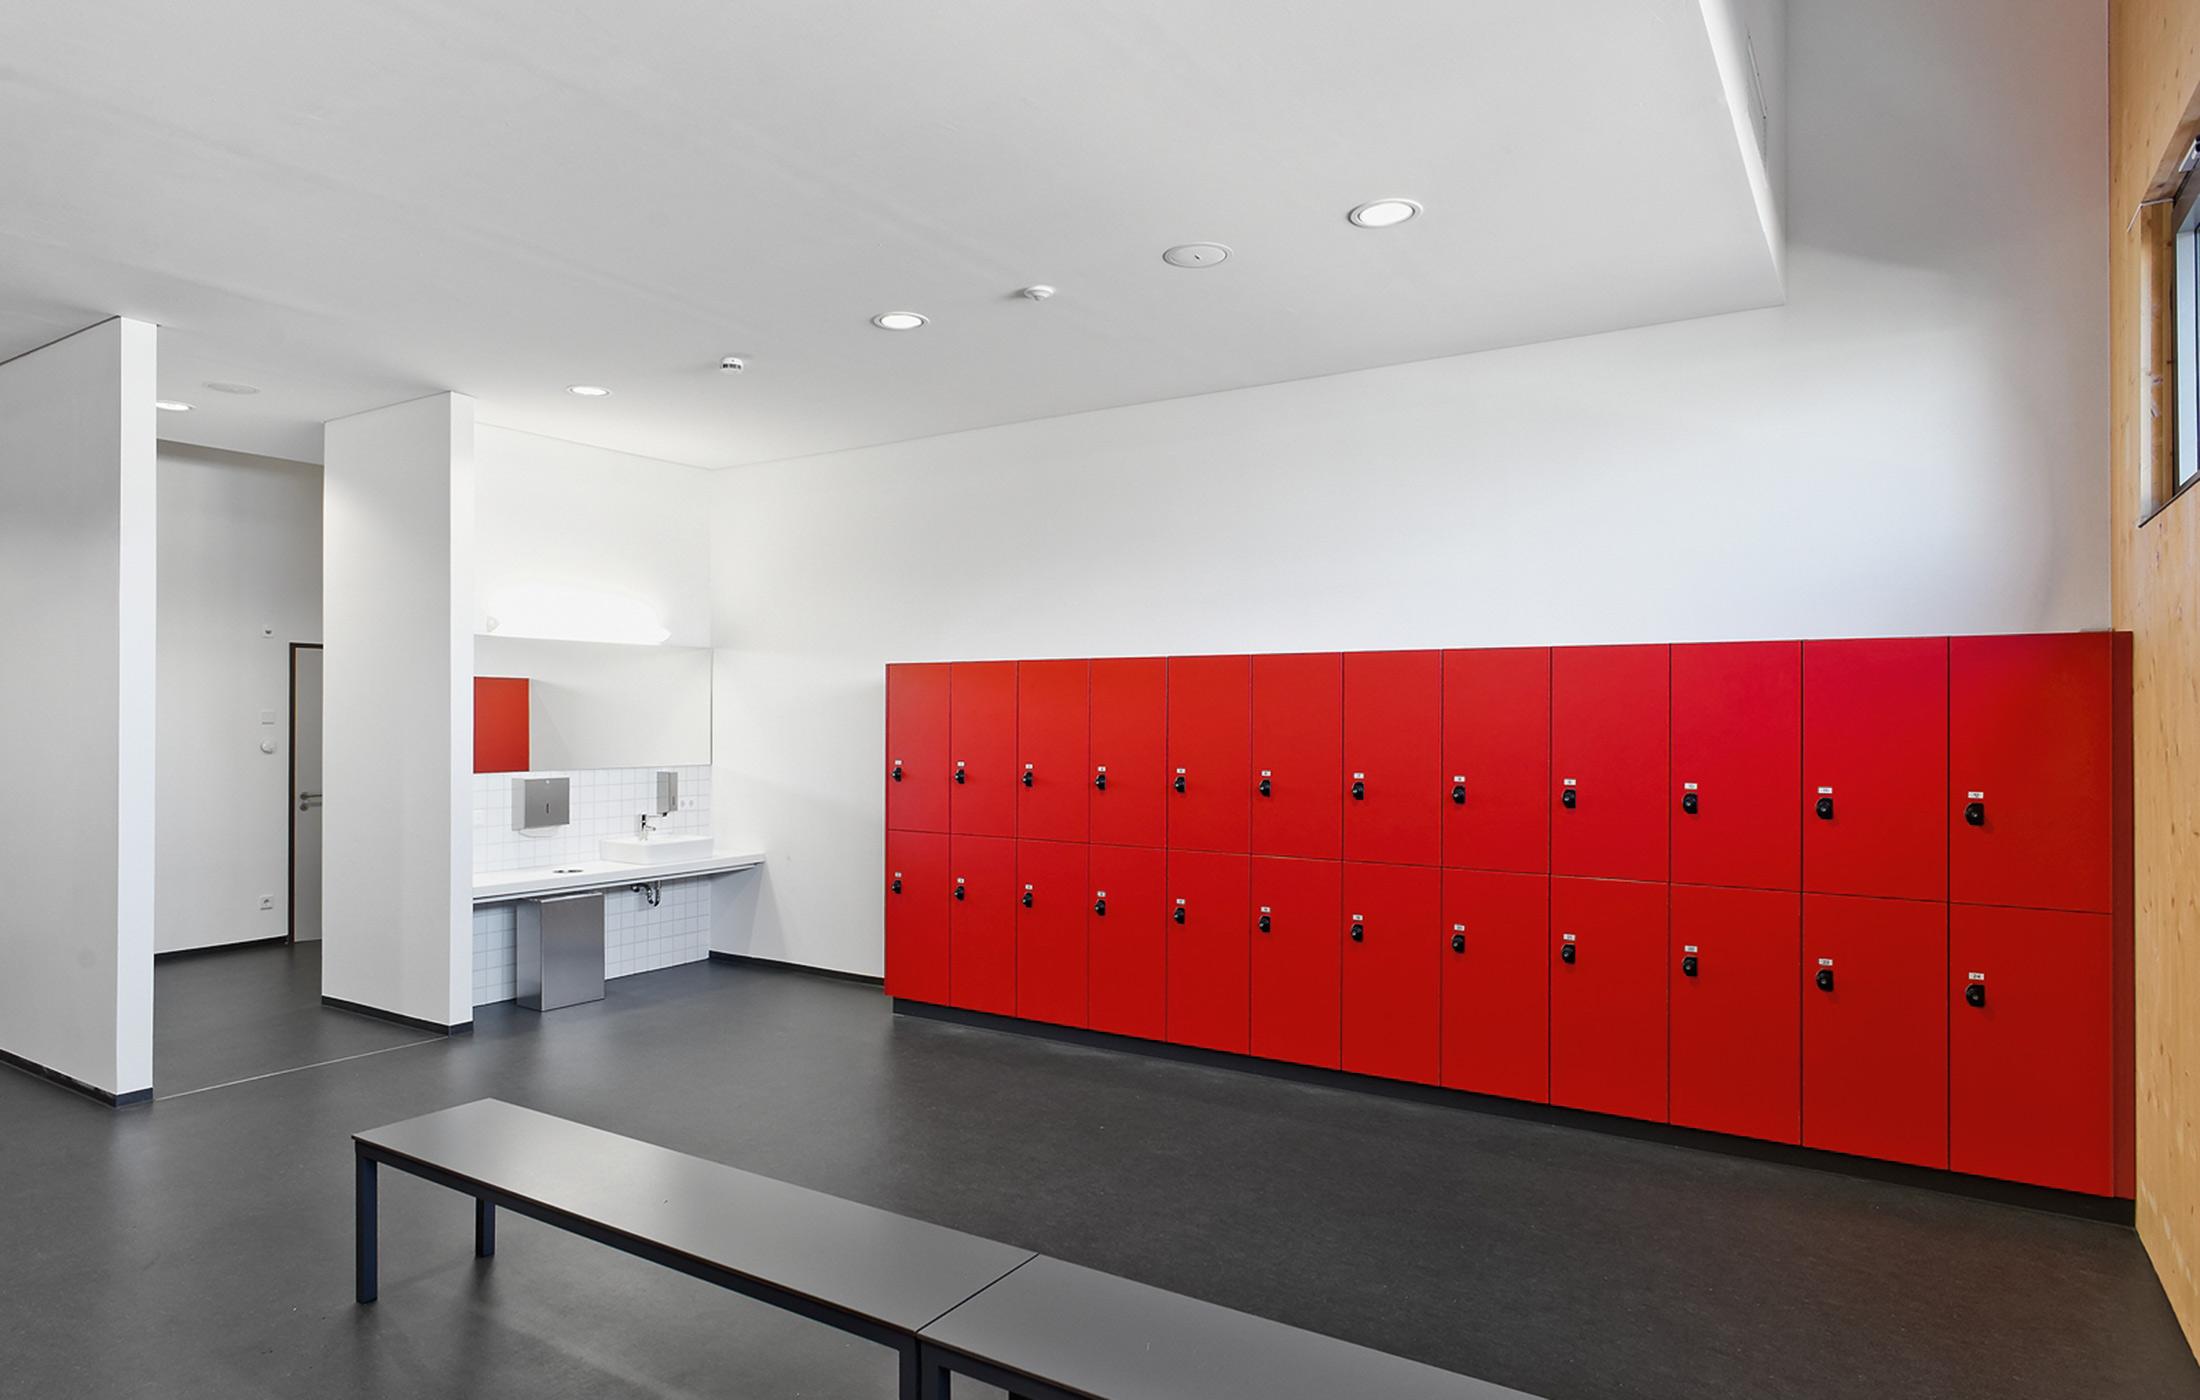 2012, Neubau Sportvereinszentrum, Großsachsenheim